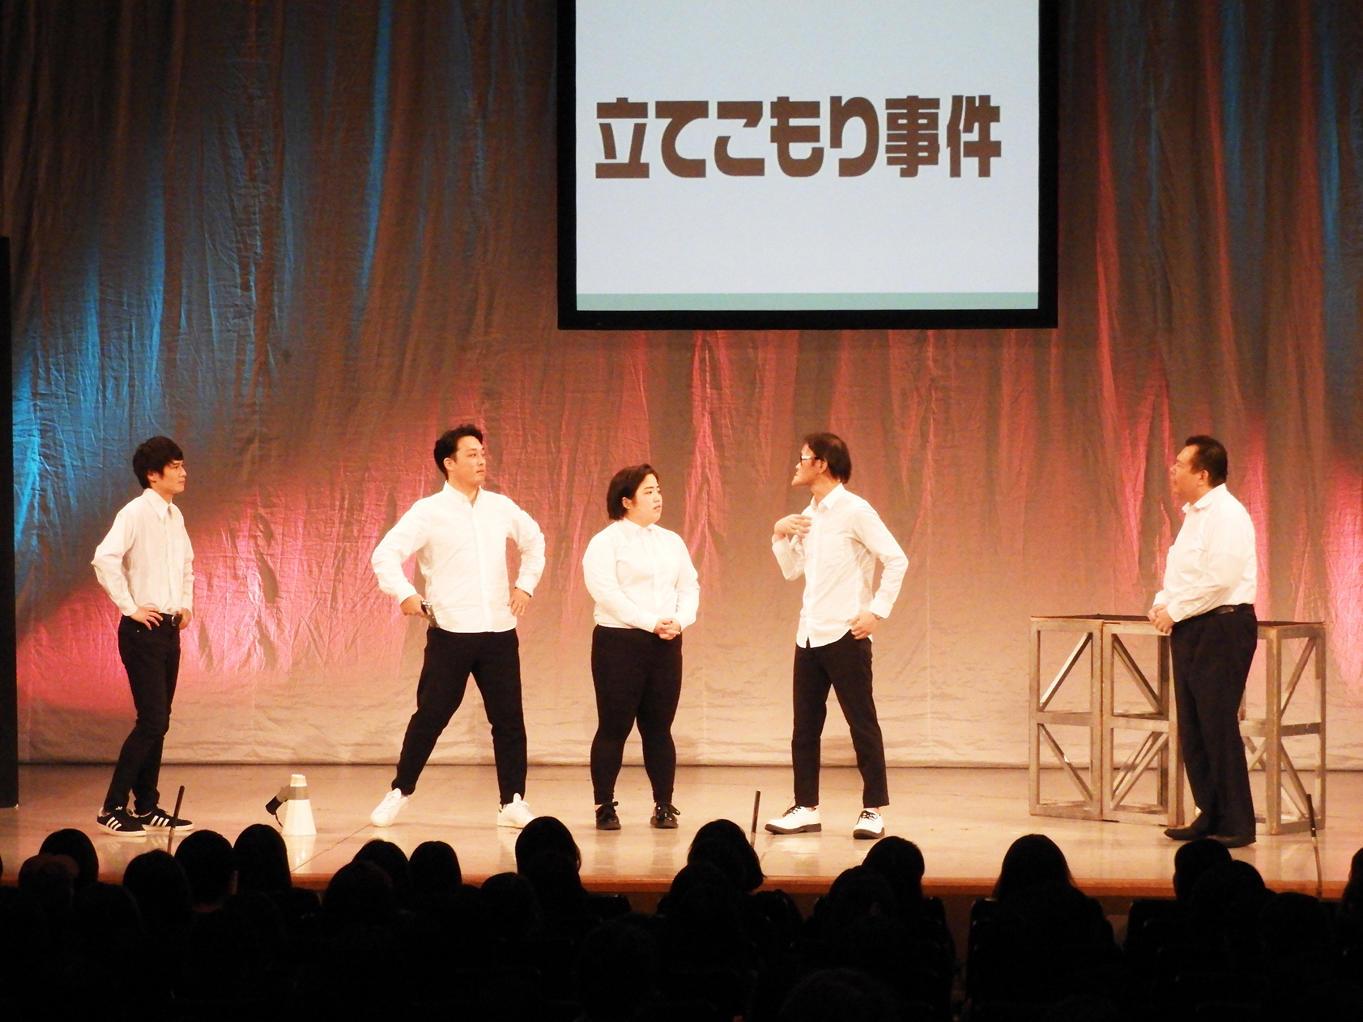 http://news.yoshimoto.co.jp/20180312103834-00088c465bd7009e8b732ab6574f81ab5fd16b3f.jpg